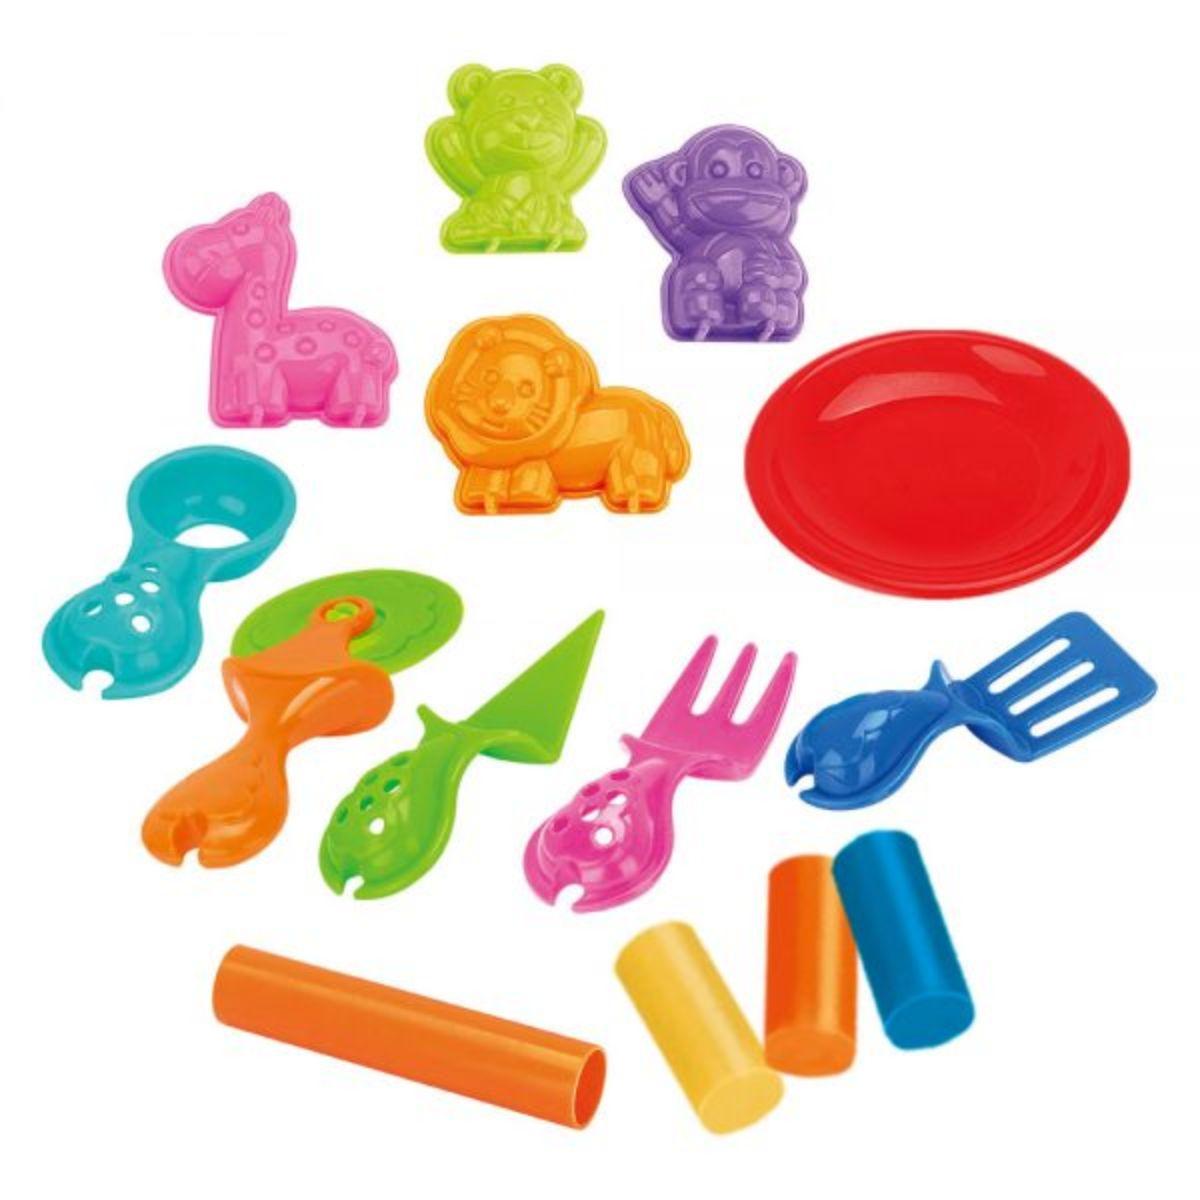 Modele e Brinque Bichos no Zoo DM Toys